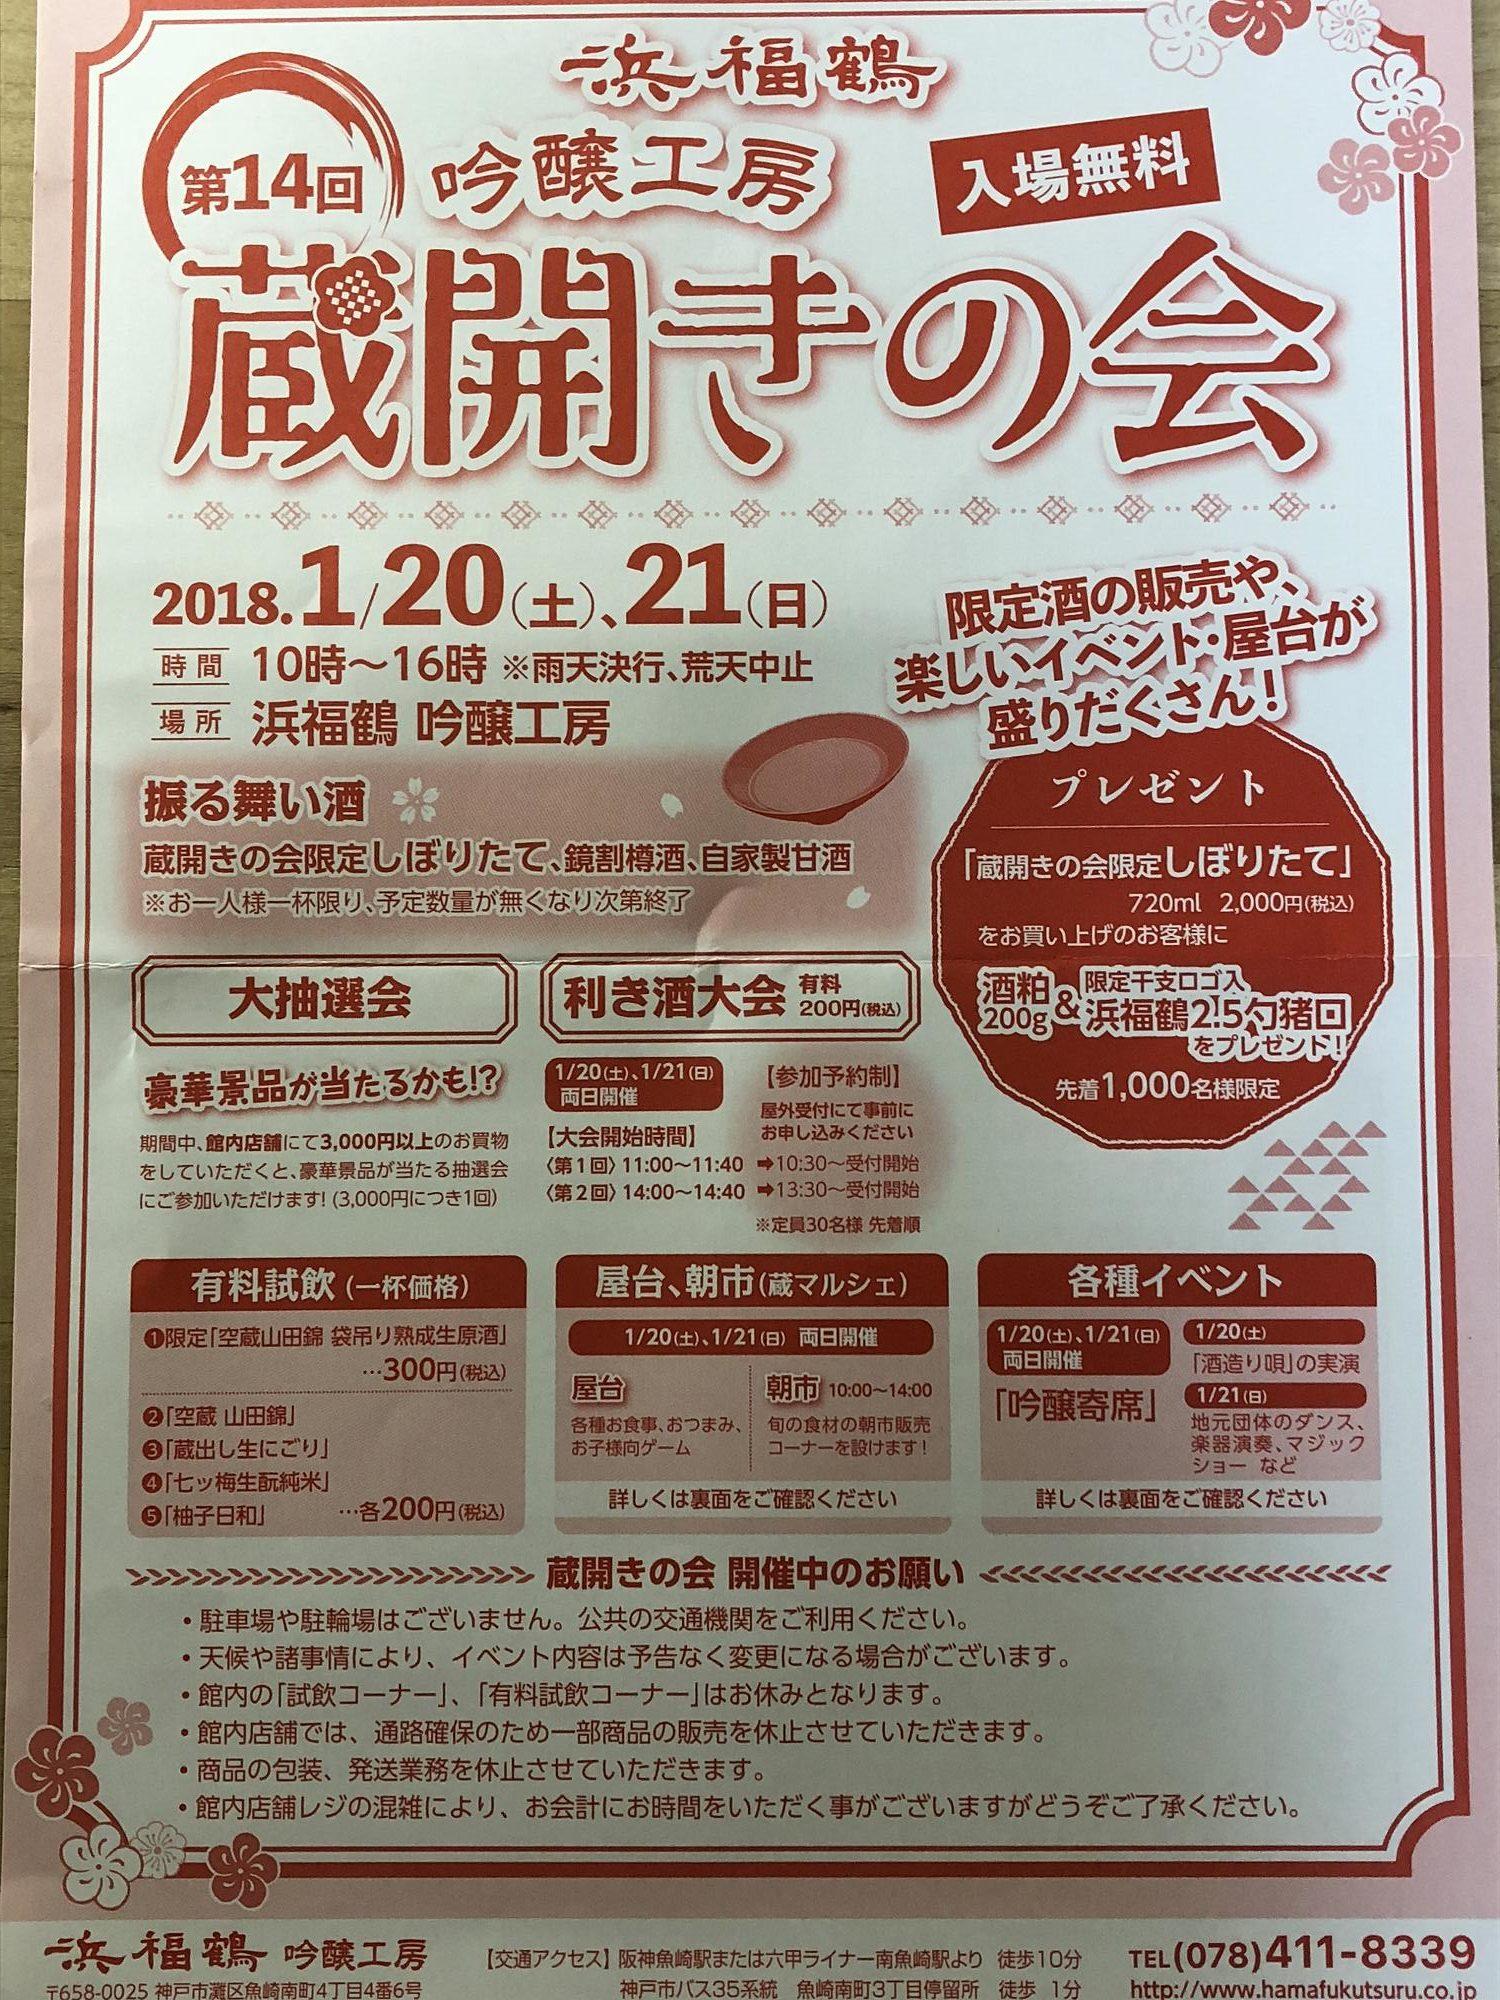 神戸・魚崎の #浜福鶴 吟醸工房で1/20・1/21に「 #蔵開きの会 」が開催されるよ!【入場無料】